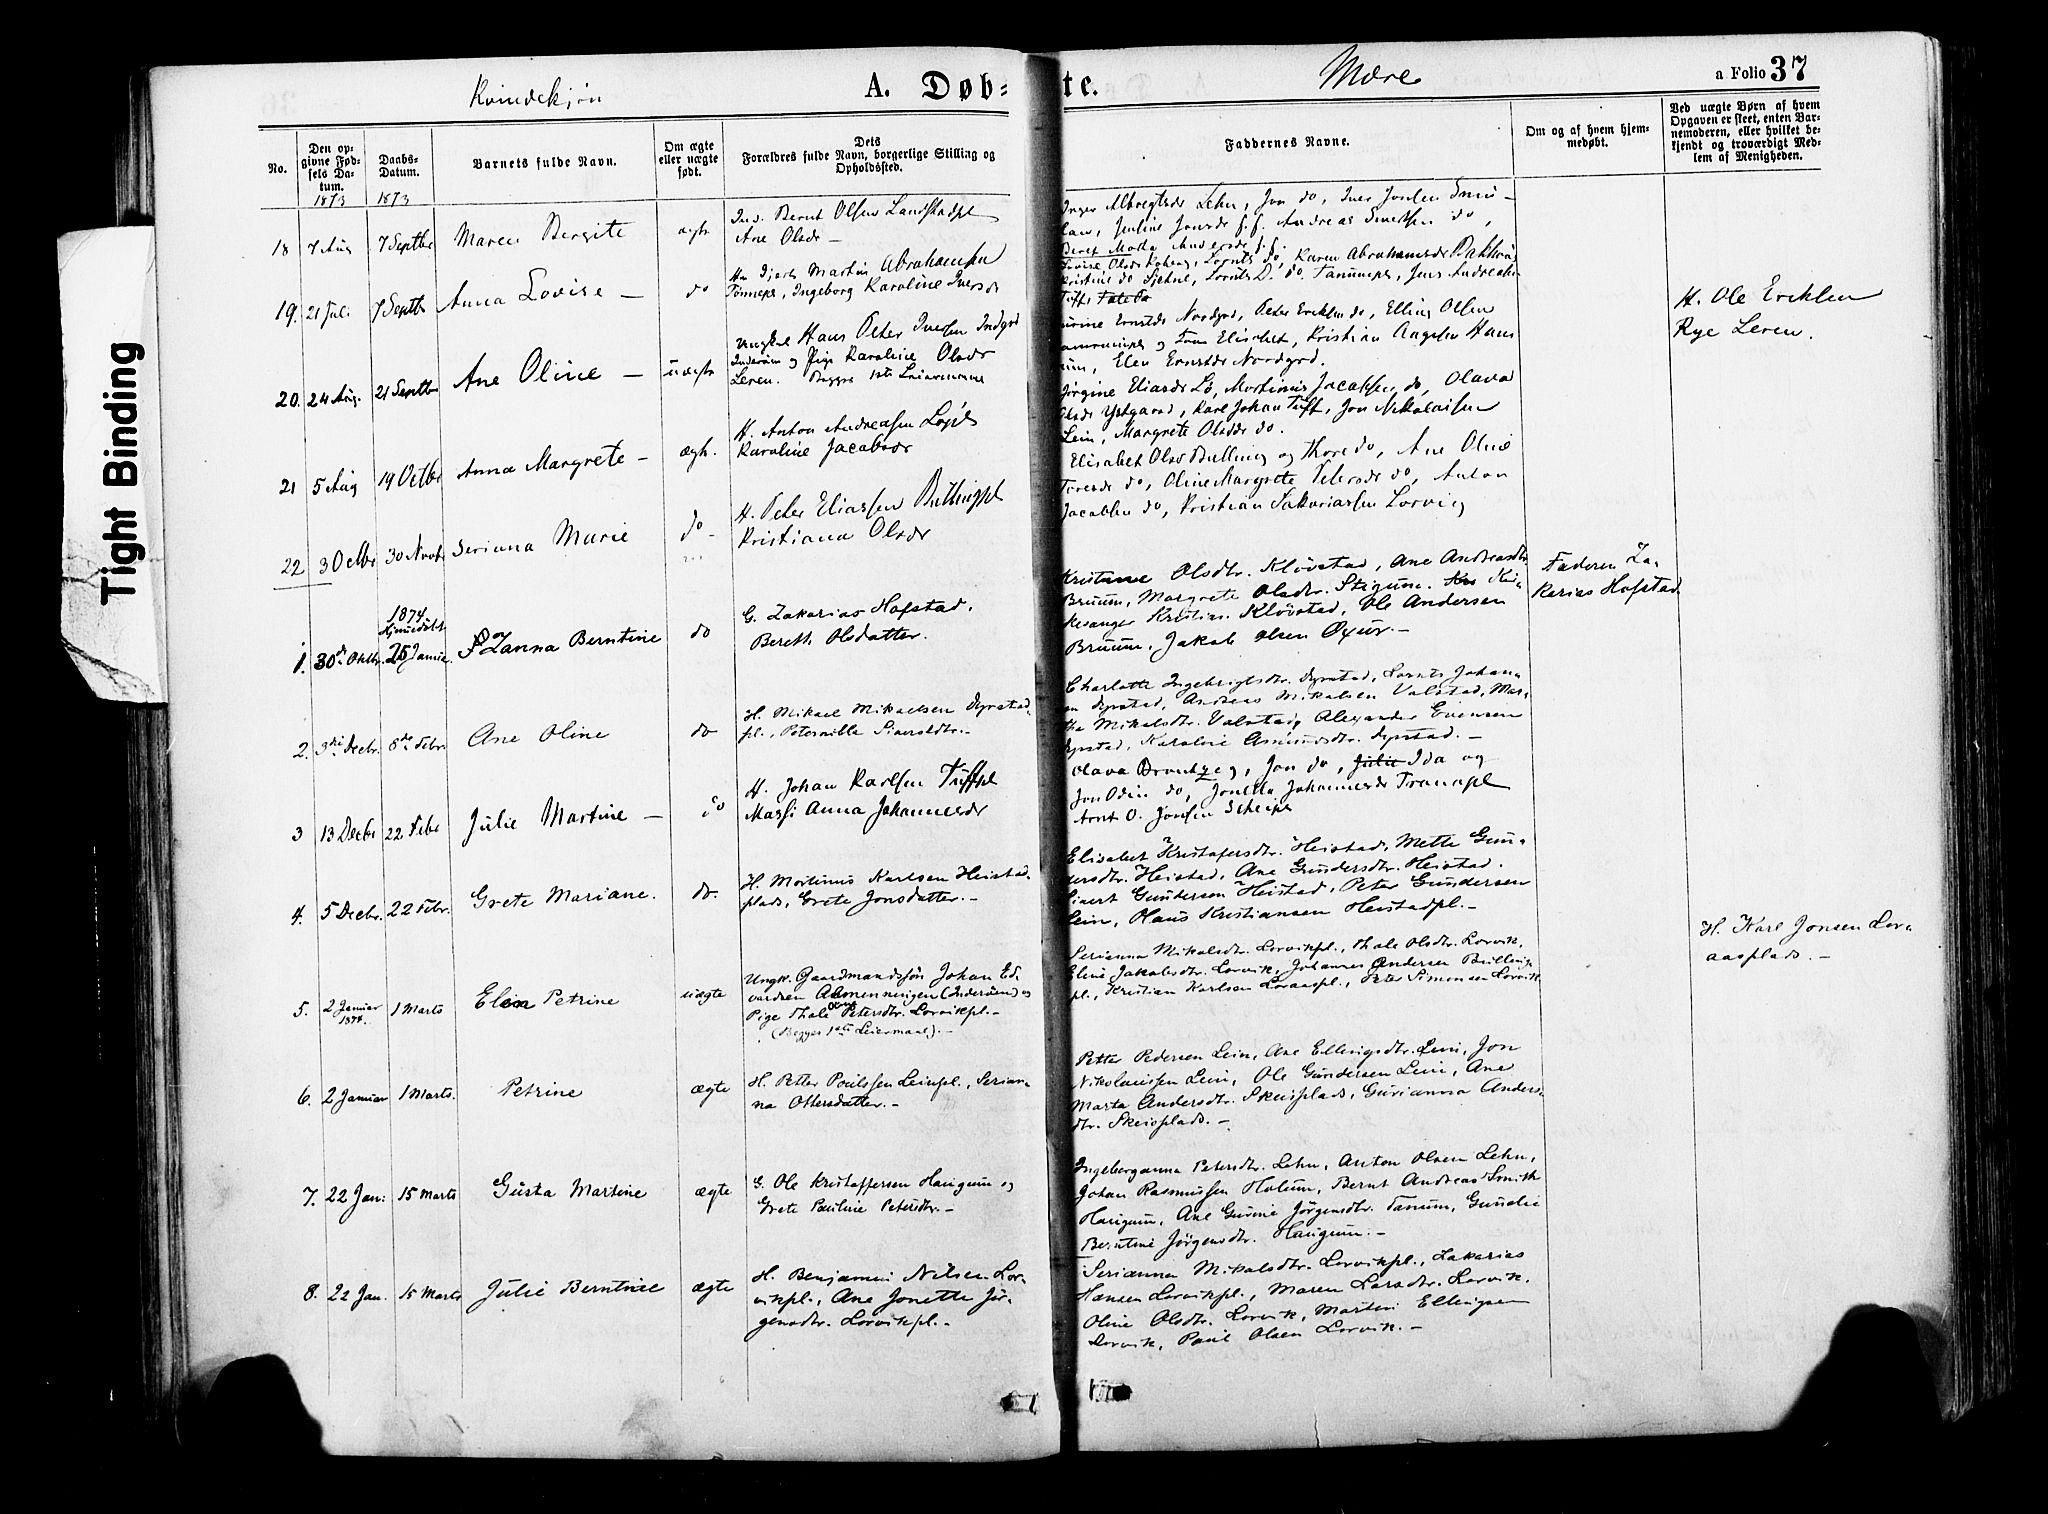 SAT, Ministerialprotokoller, klokkerbøker og fødselsregistre - Nord-Trøndelag, 735/L0348: Ministerialbok nr. 735A09 /1, 1873-1883, s. 37